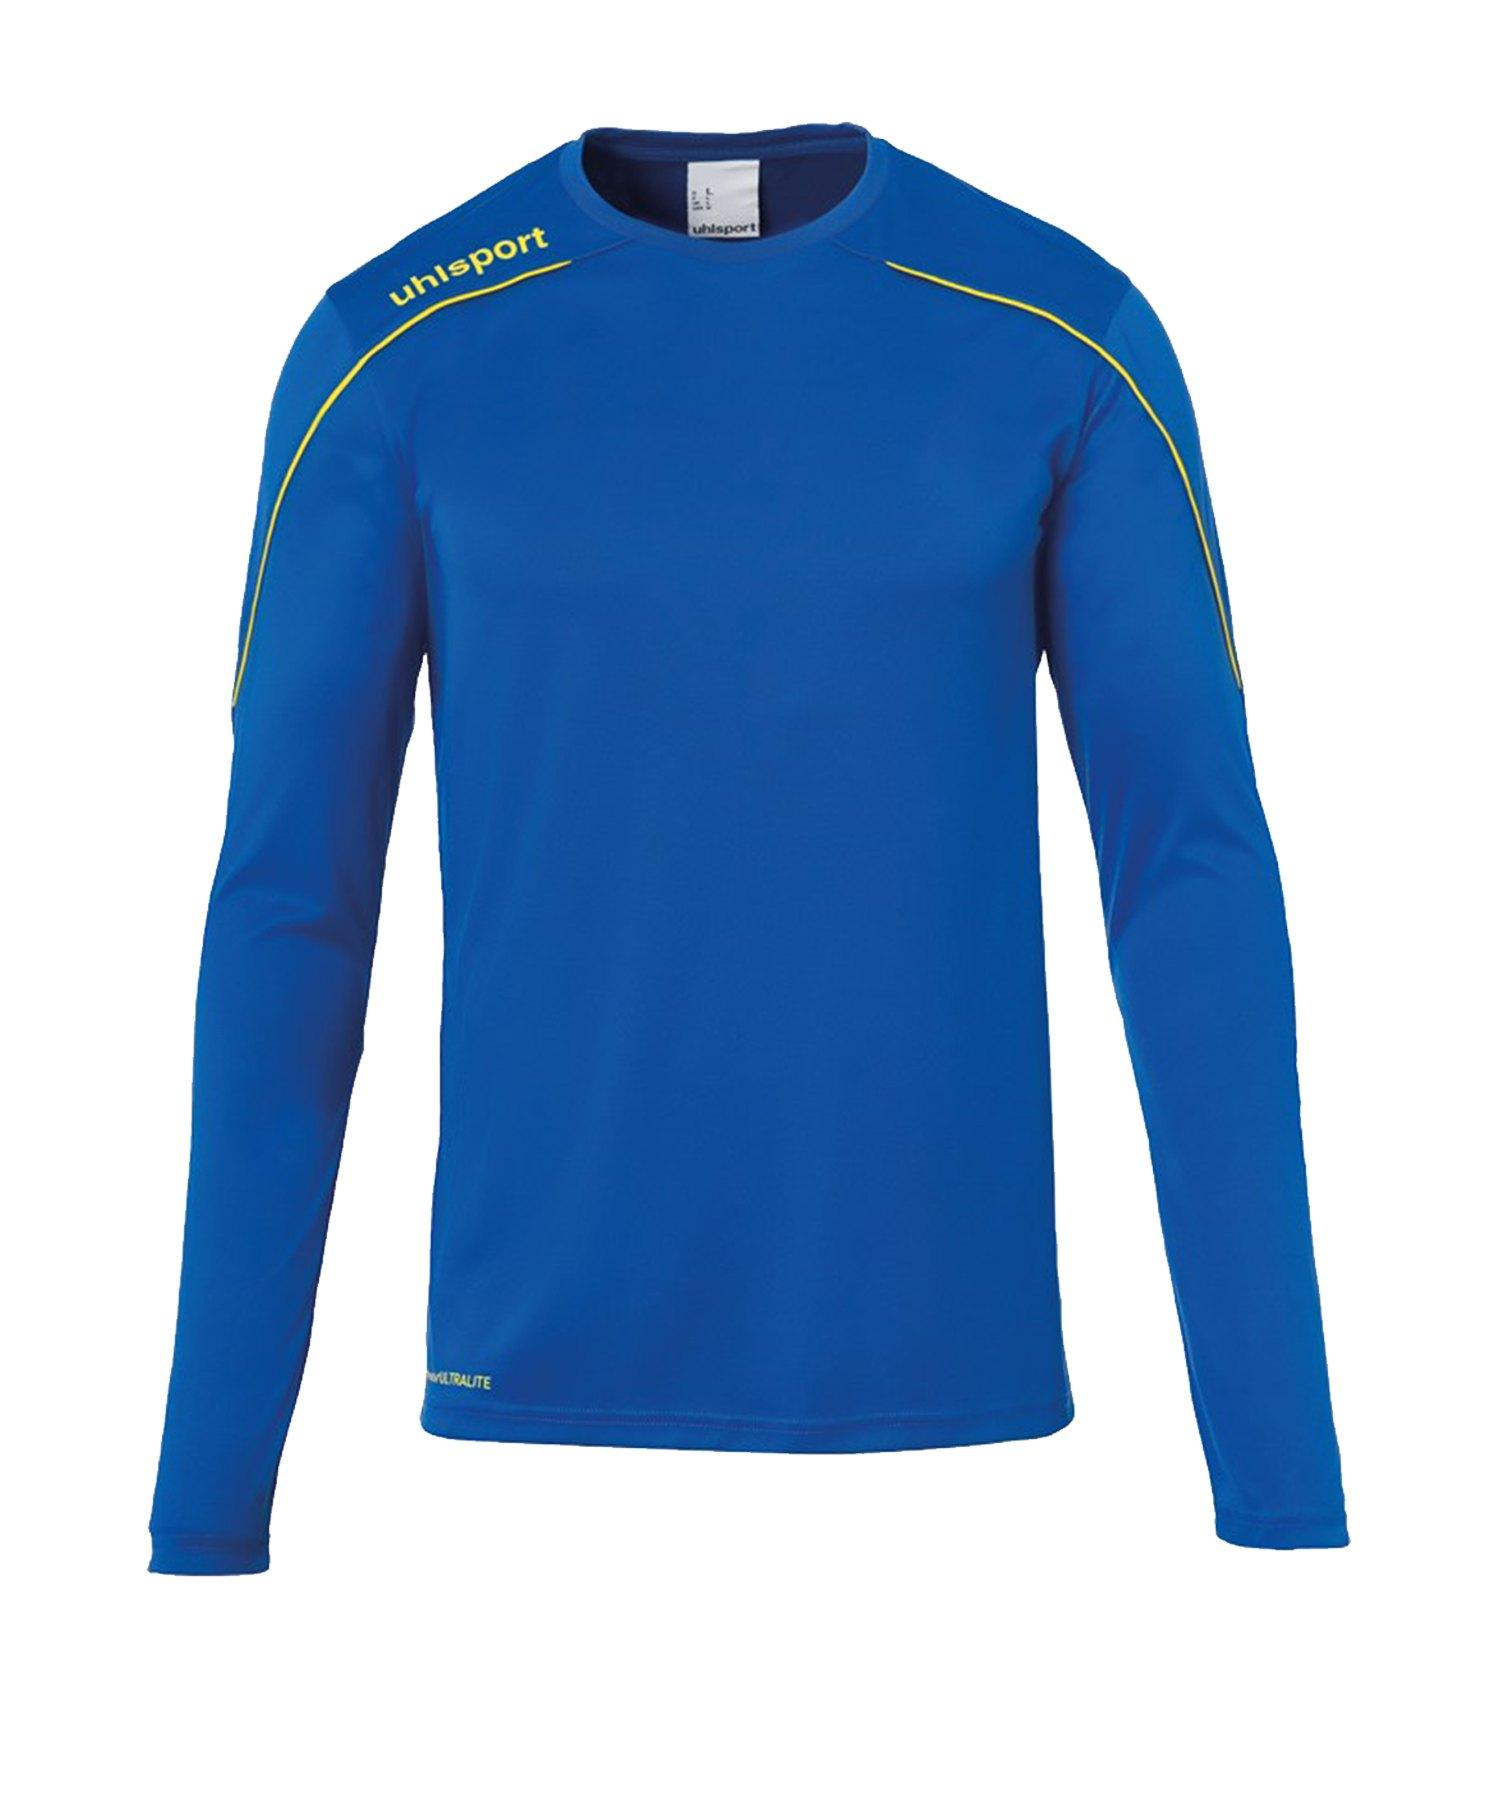 Uhlsport Stream 22 Trikot langarm Blau Gelb F14 - Blau